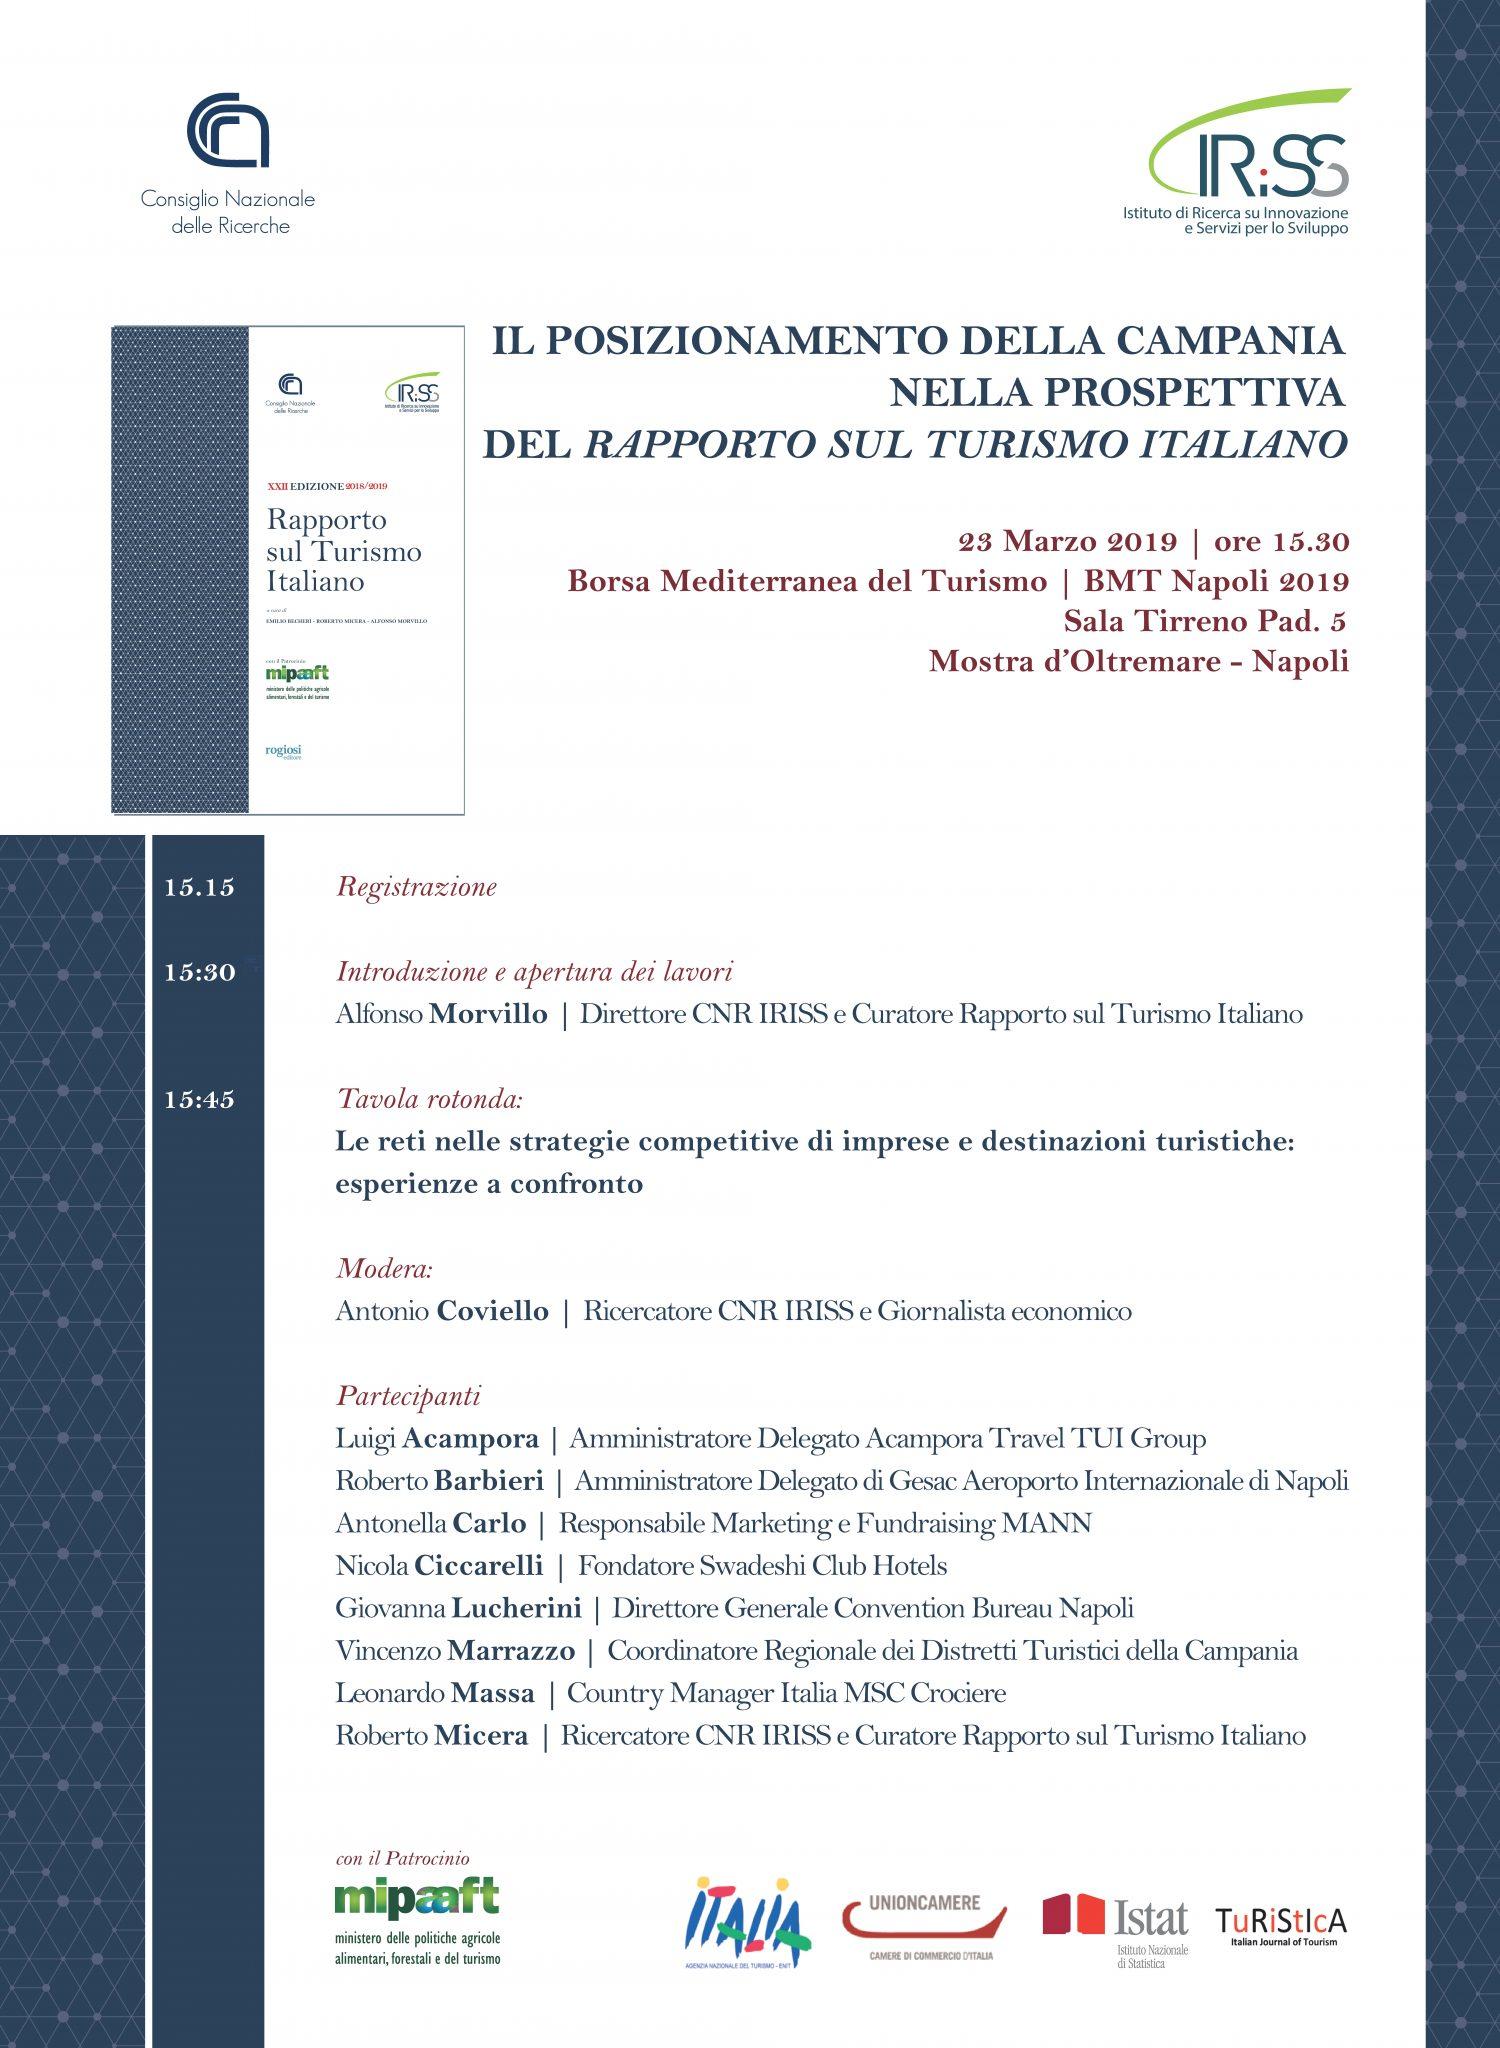 Il posizionamento della Campania nella prospettiva del Rapporto sul Turismo Italiano